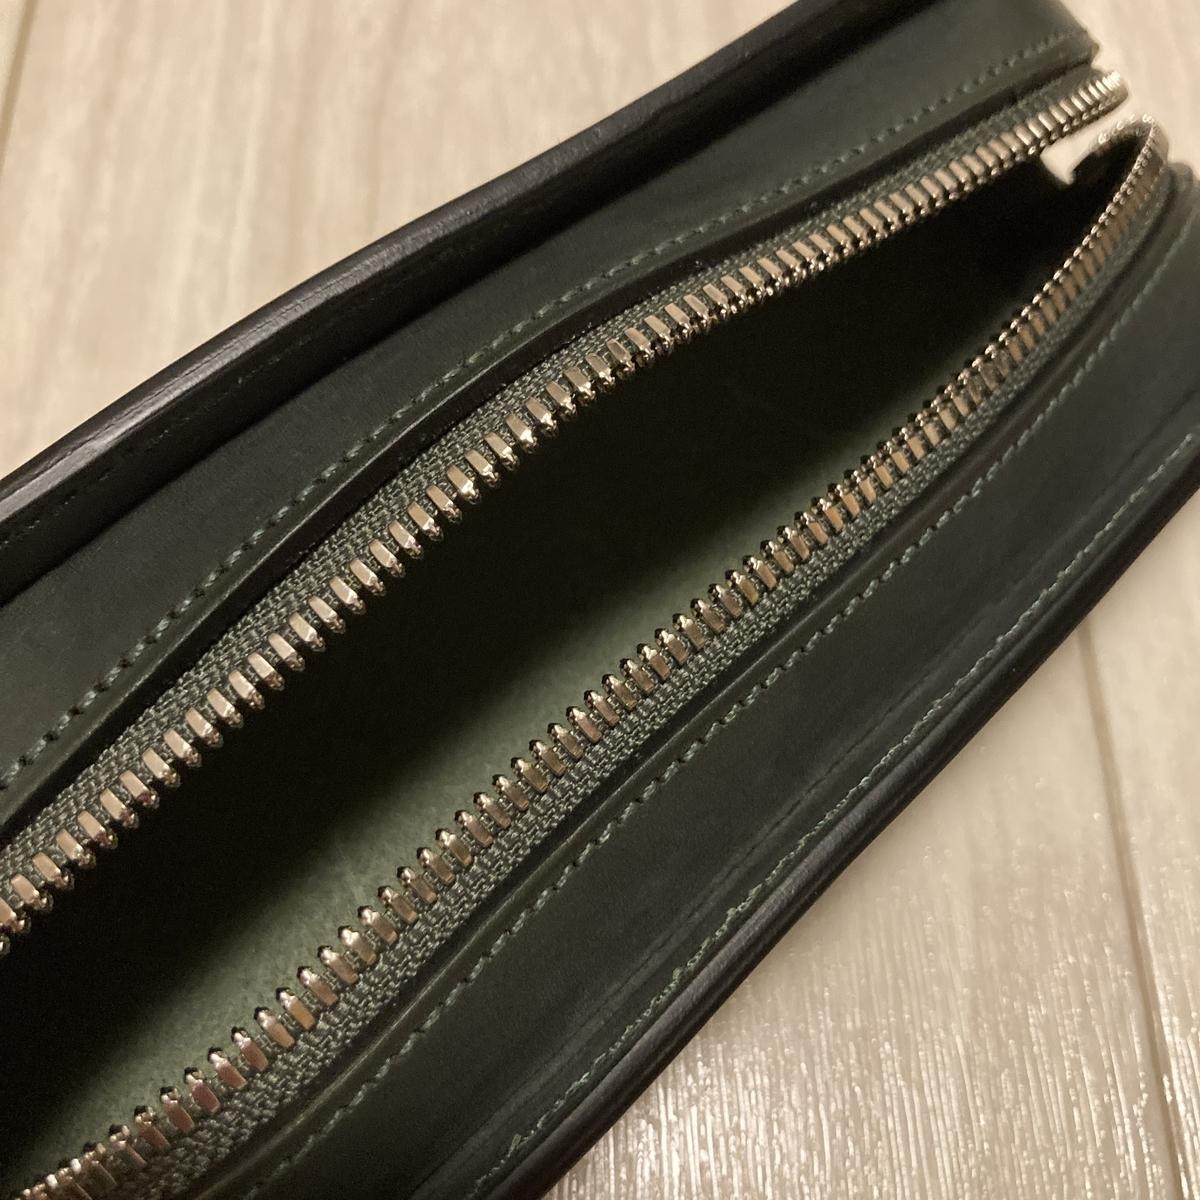 万双 ペンケース 革 革製品 レザー ブライドル 財布 長財布 双鞣和地 ダークグリーン 小銭 金運